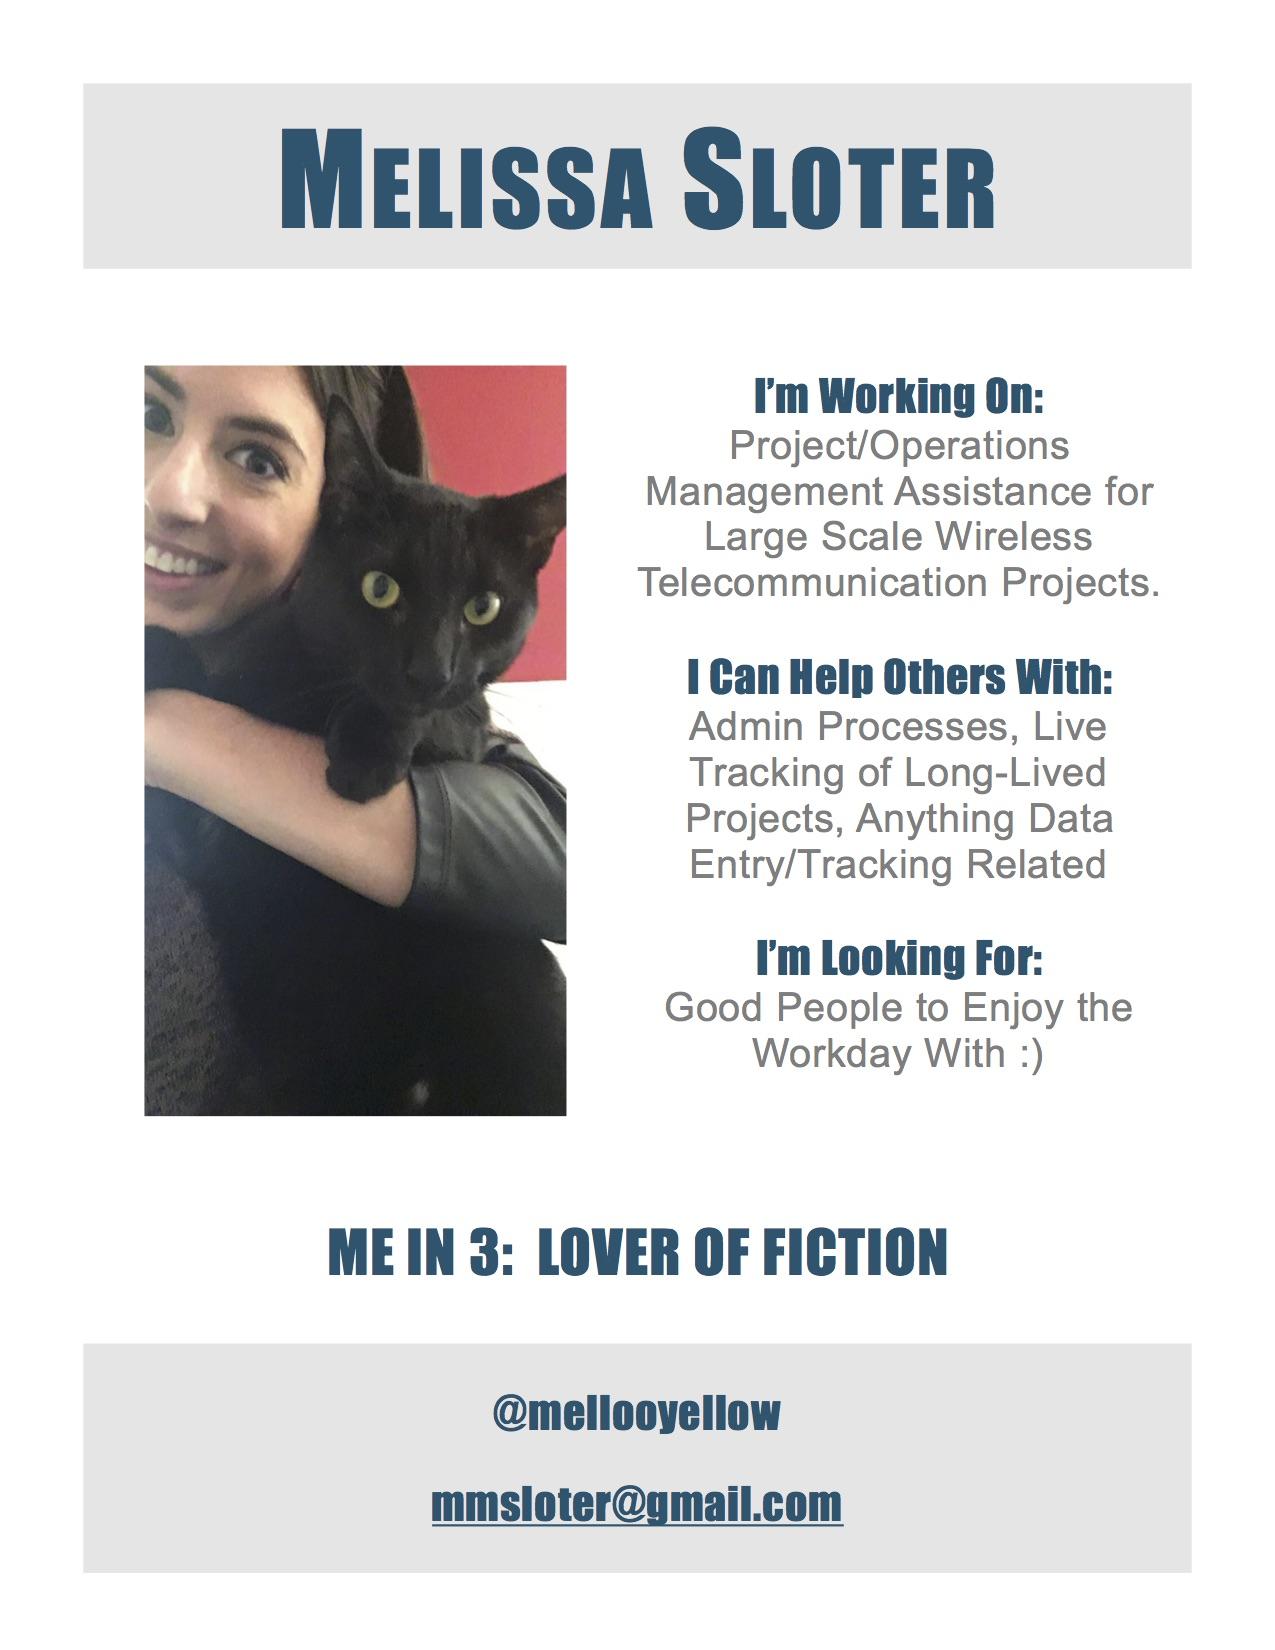 Melissa Sloter